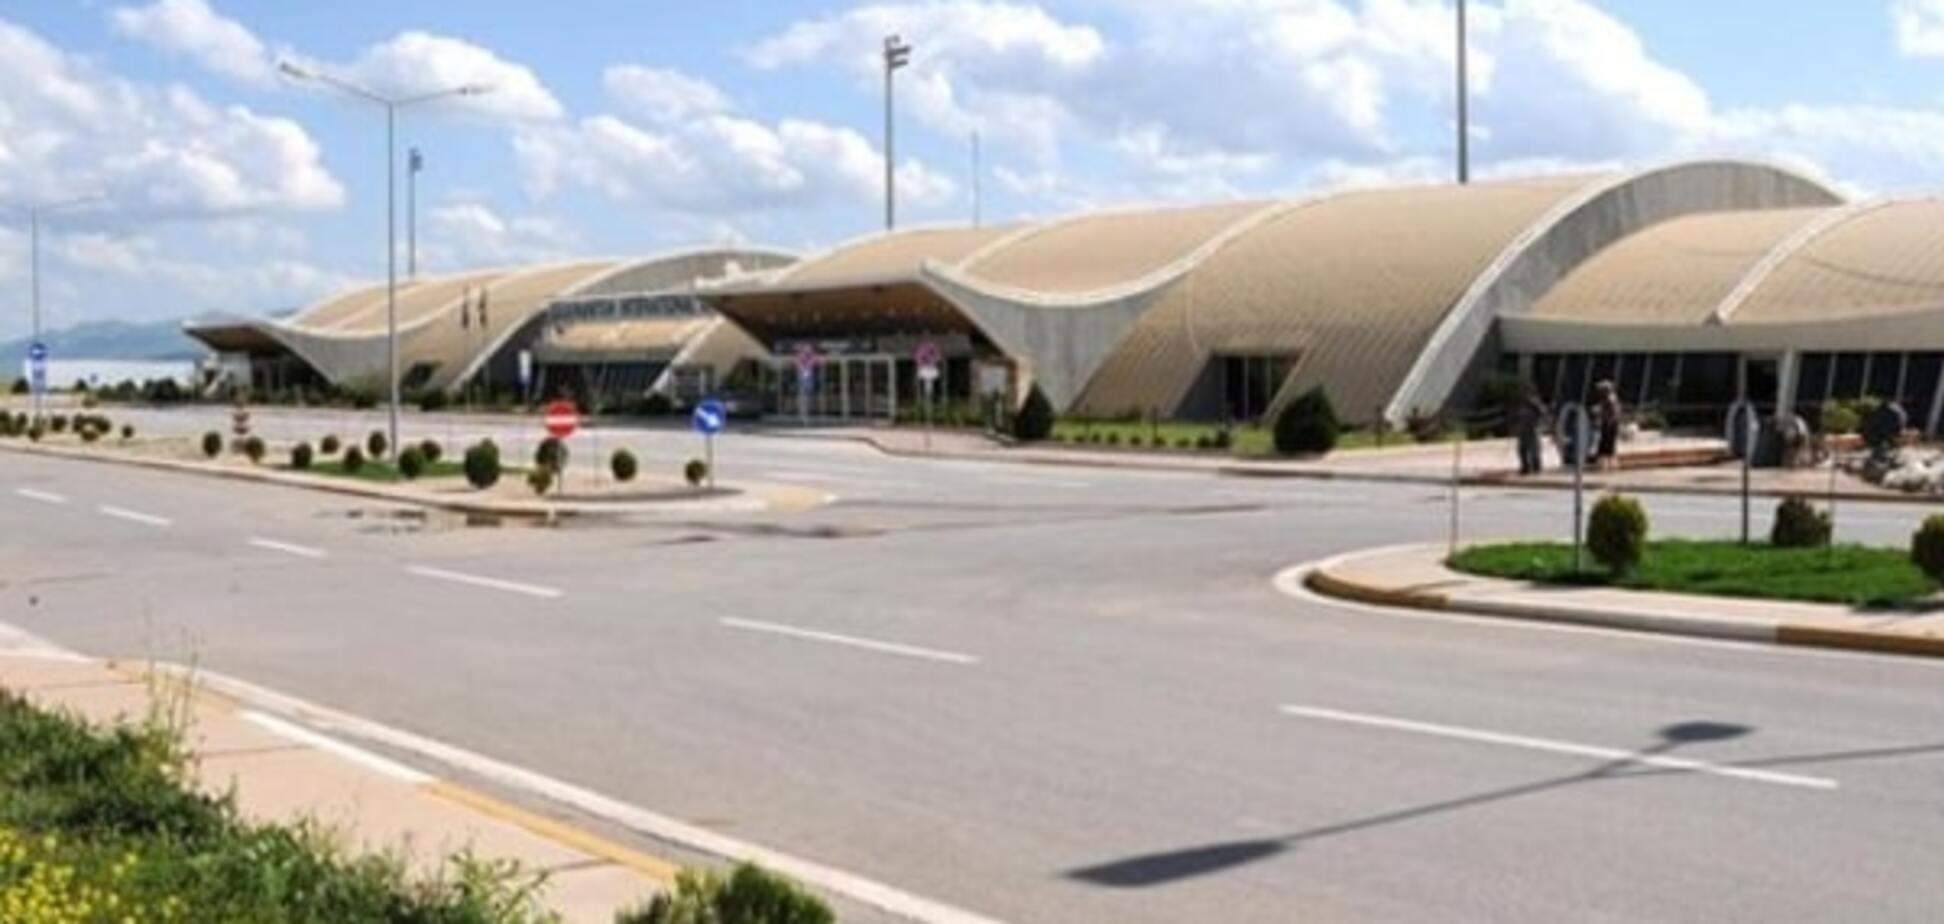 СМИ: Ирак приостановит авиасообщение с двумя городами из-за России